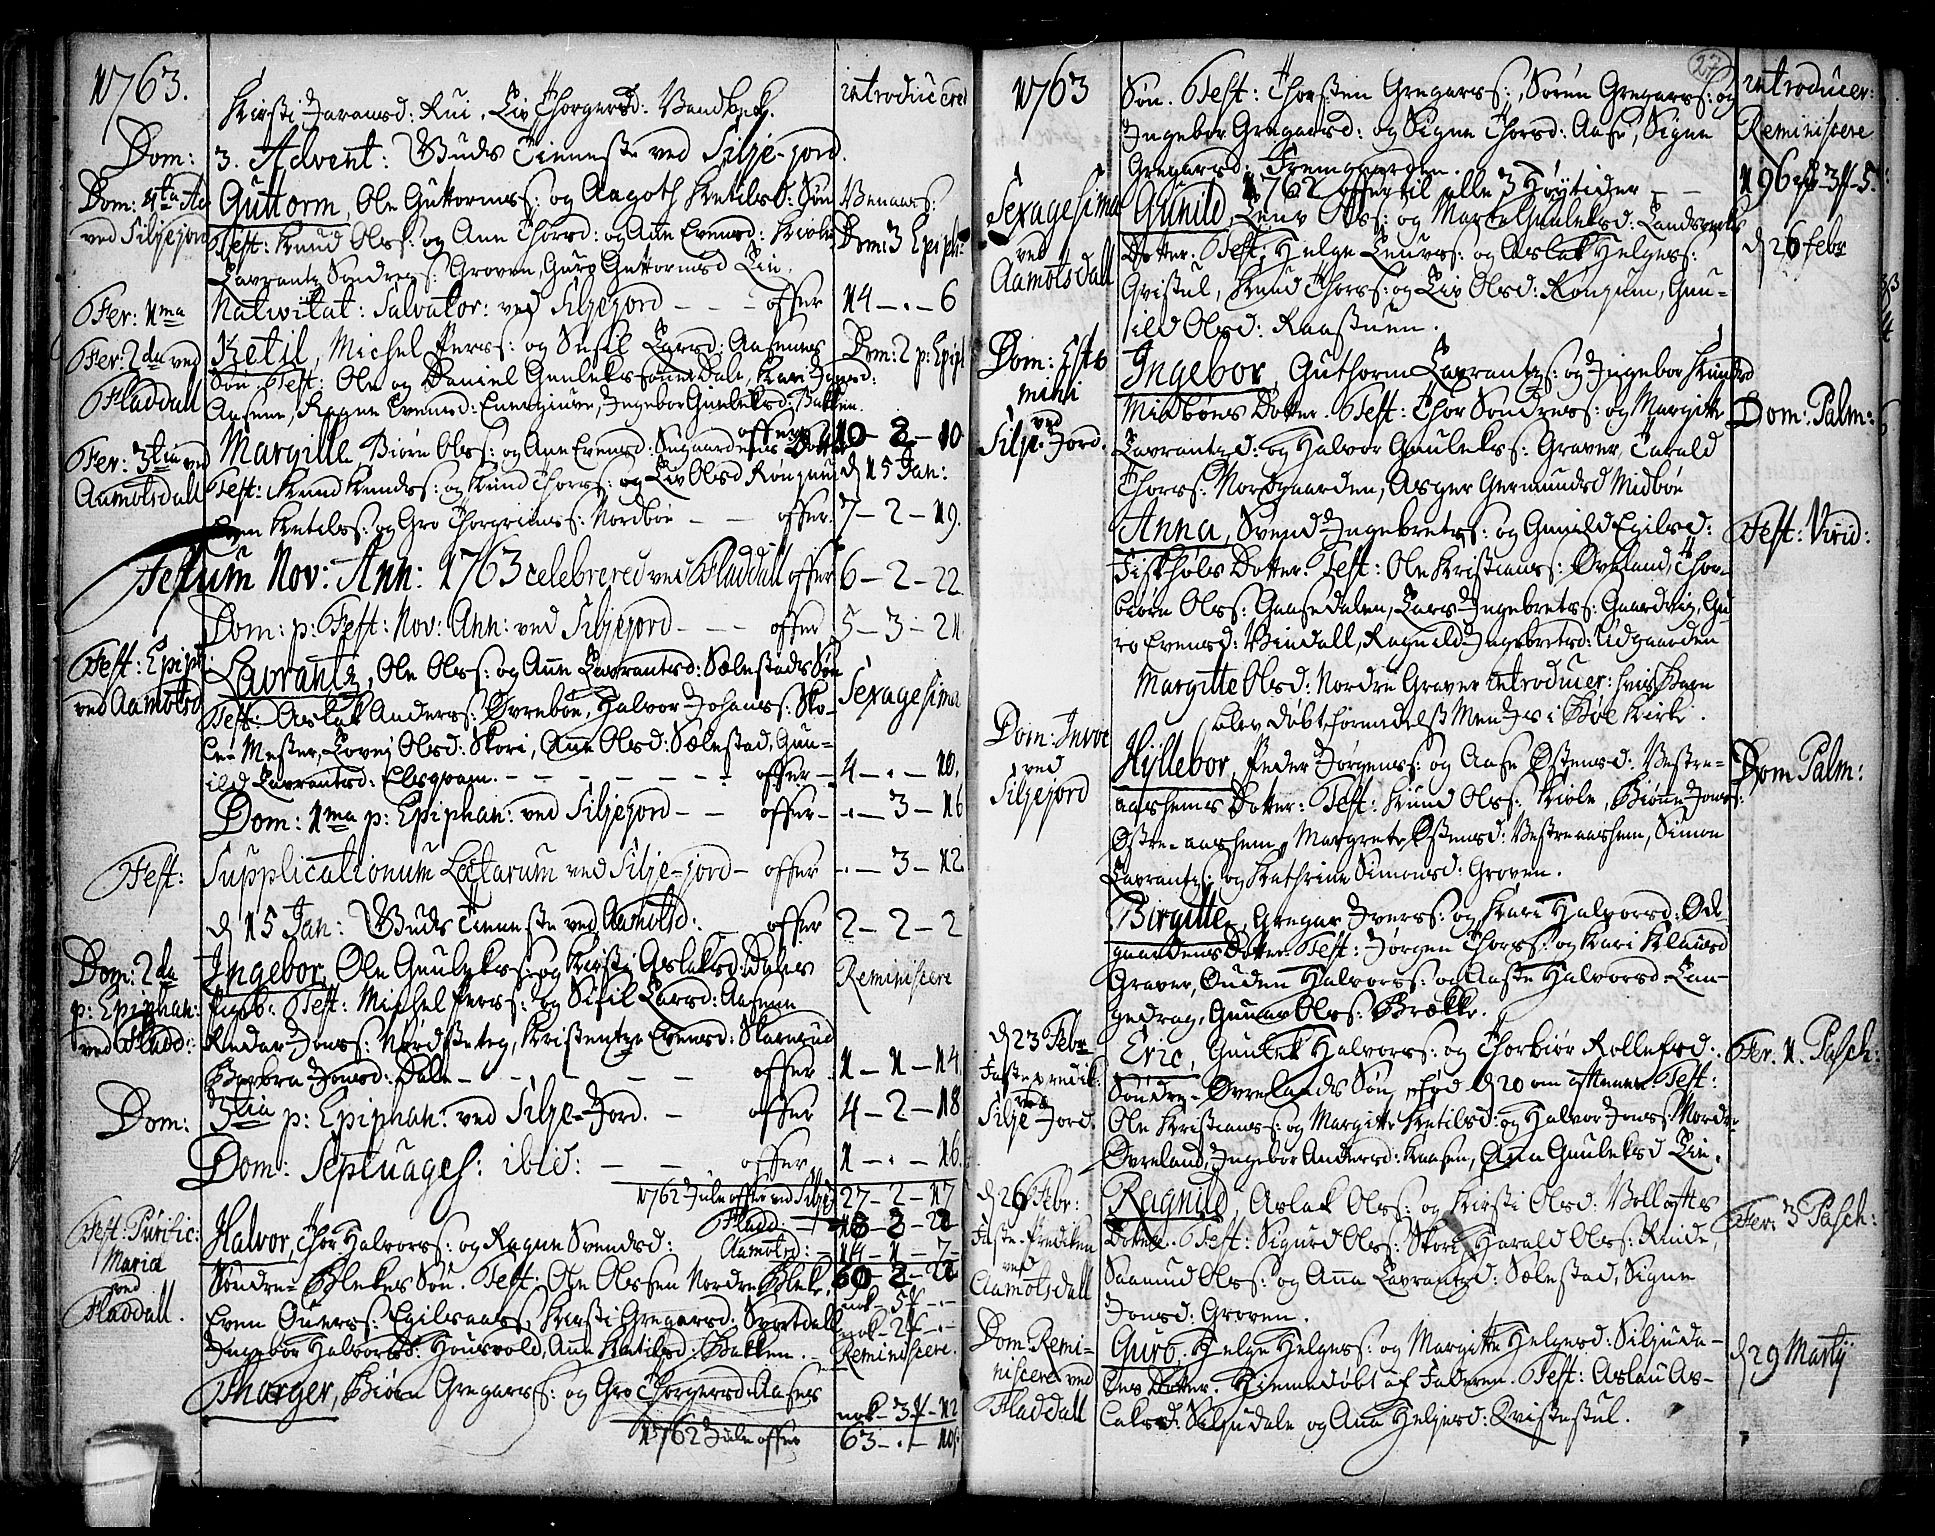 SAKO, Seljord kirkebøker, F/Fa/L0007: Ministerialbok nr. I 7, 1755-1800, s. 27